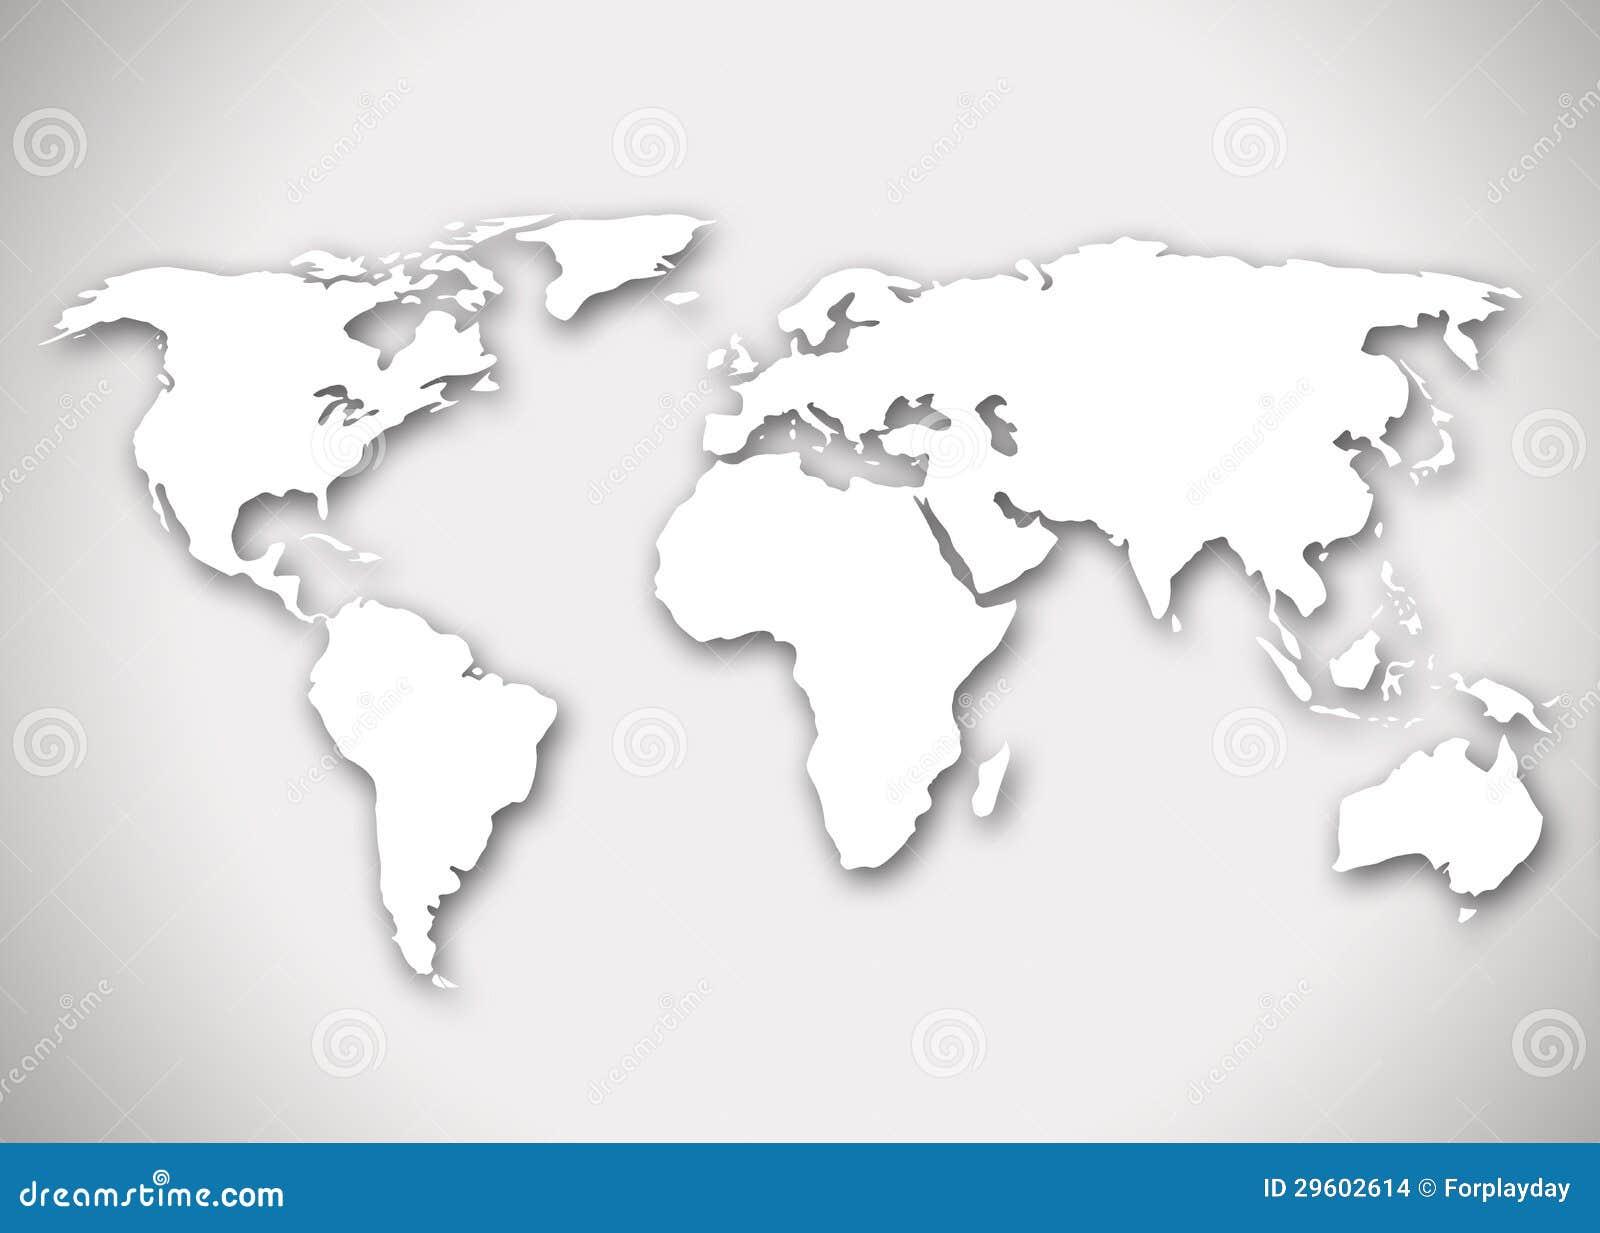 Image d 39 une carte stylis e du monde images stock image - Mappa del mondo contorno ks2 ...